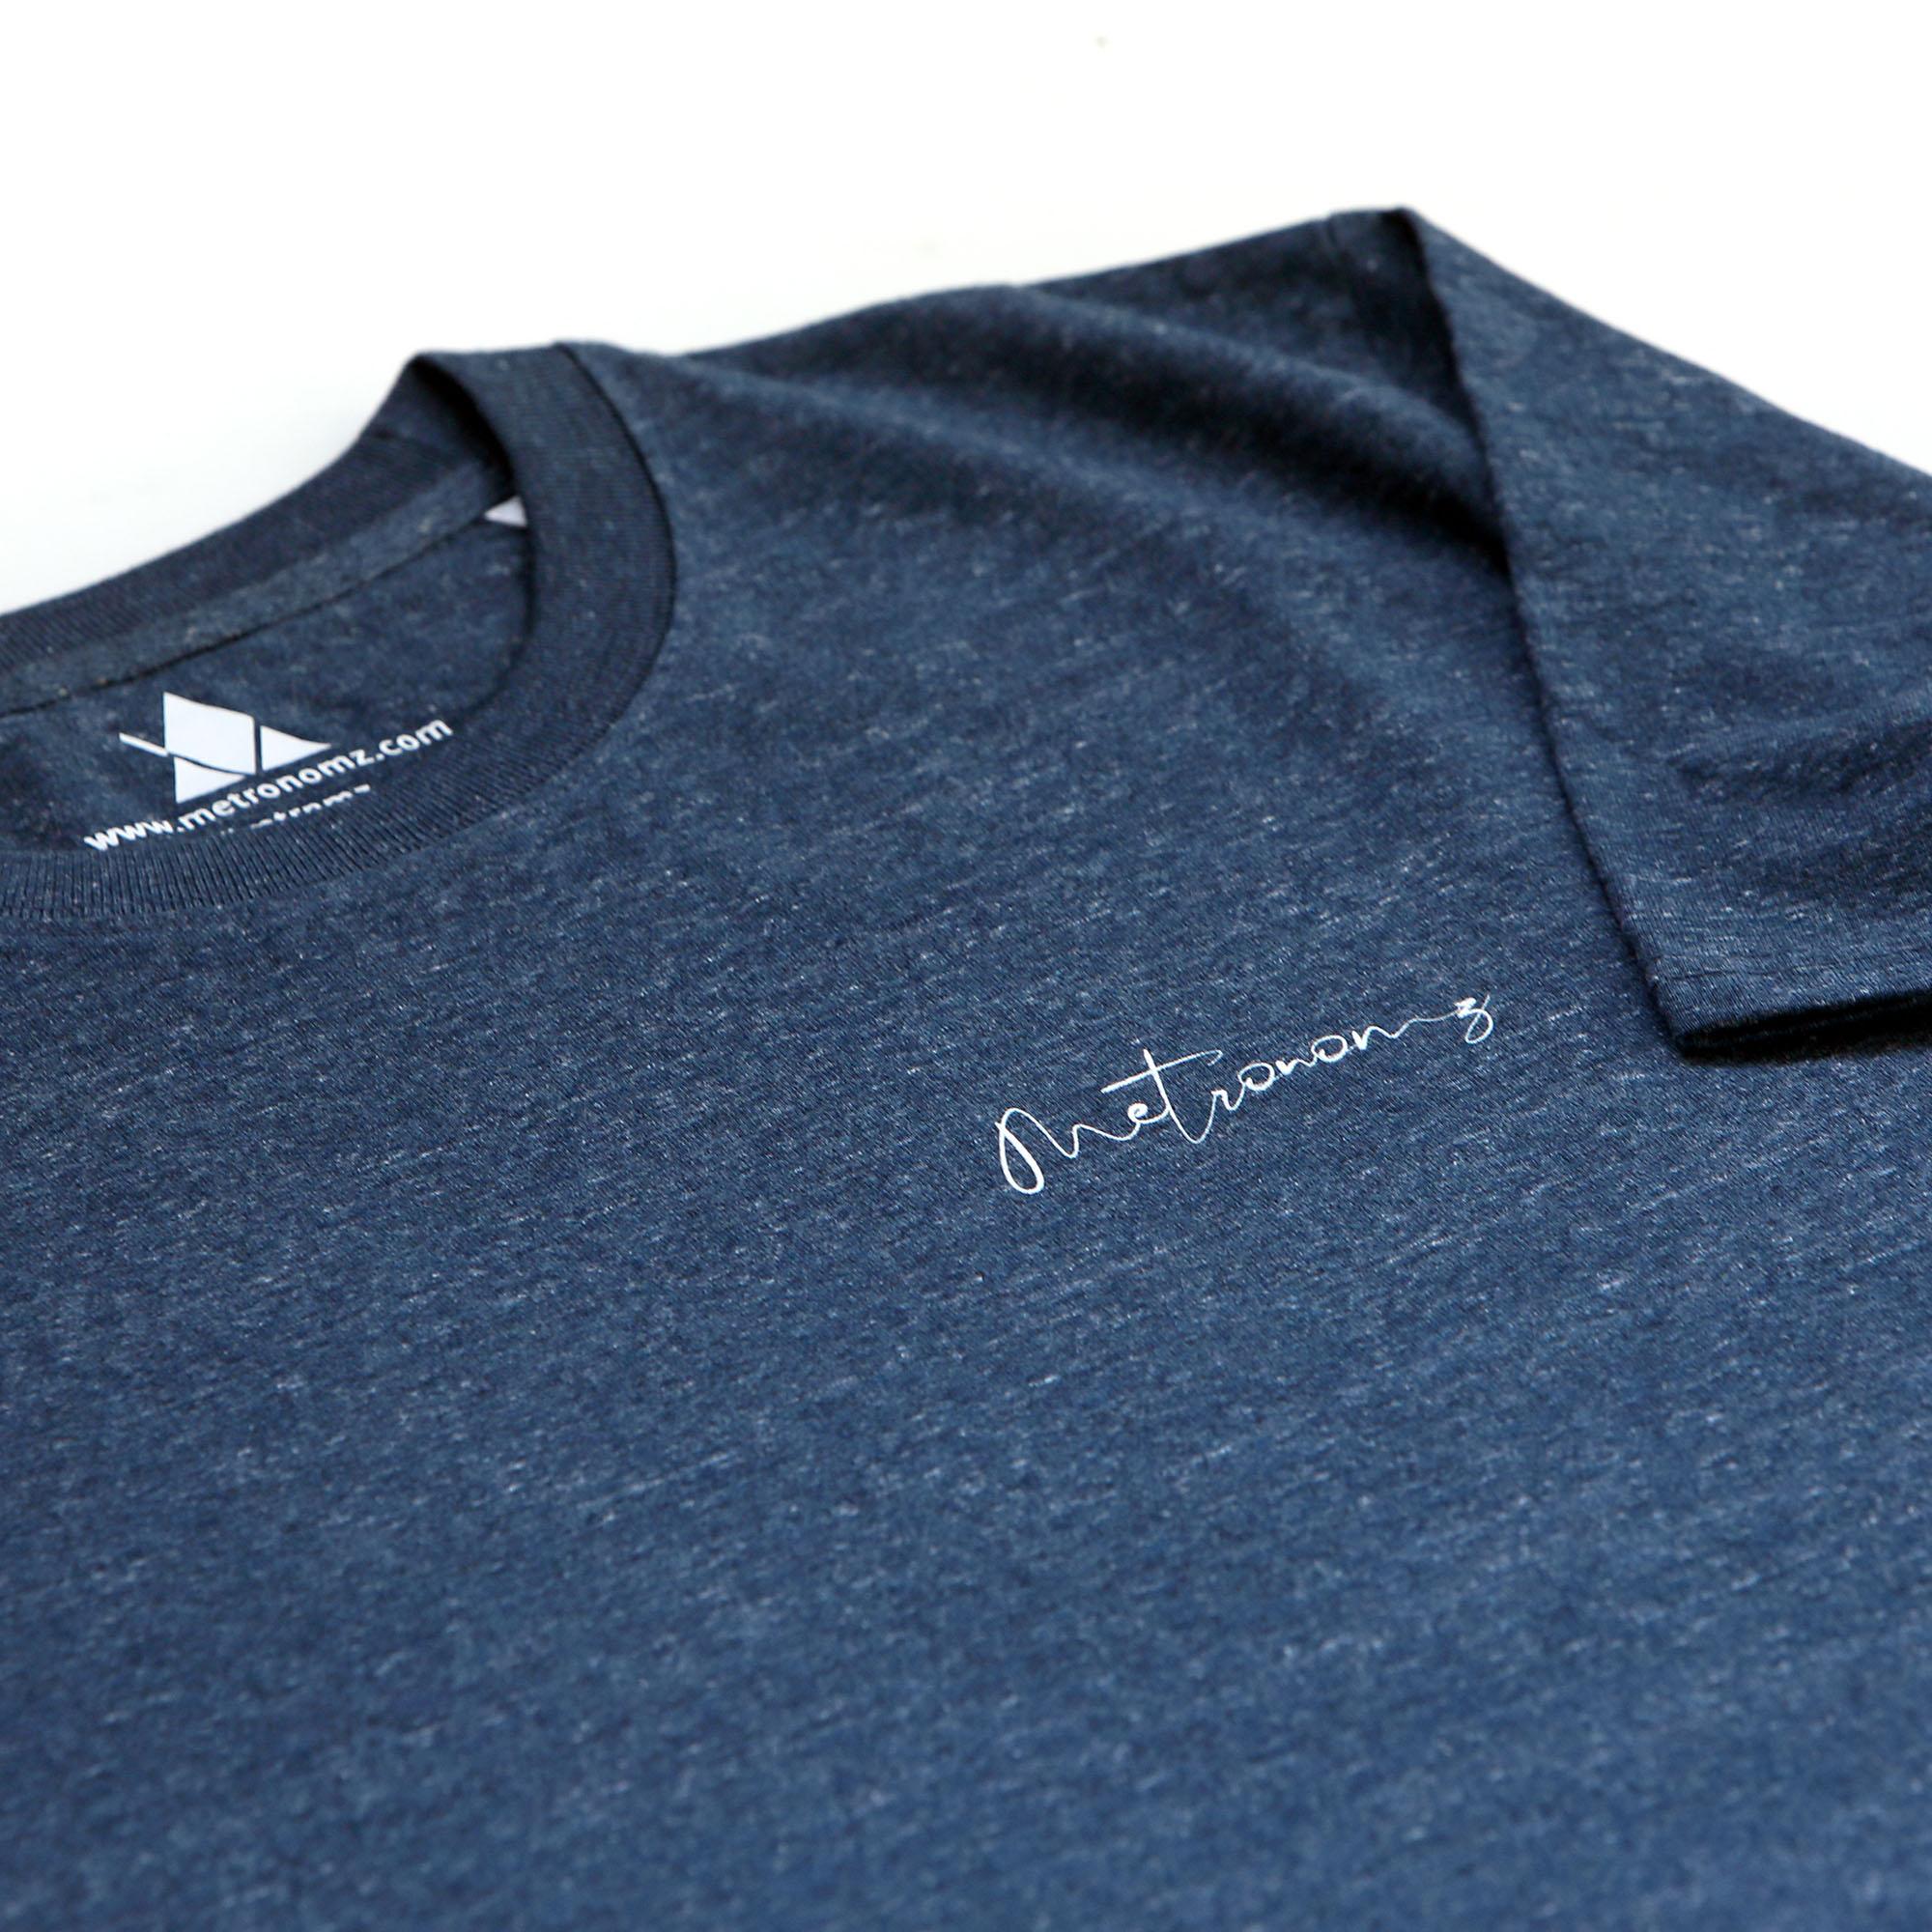 Metronomz-T-shirt